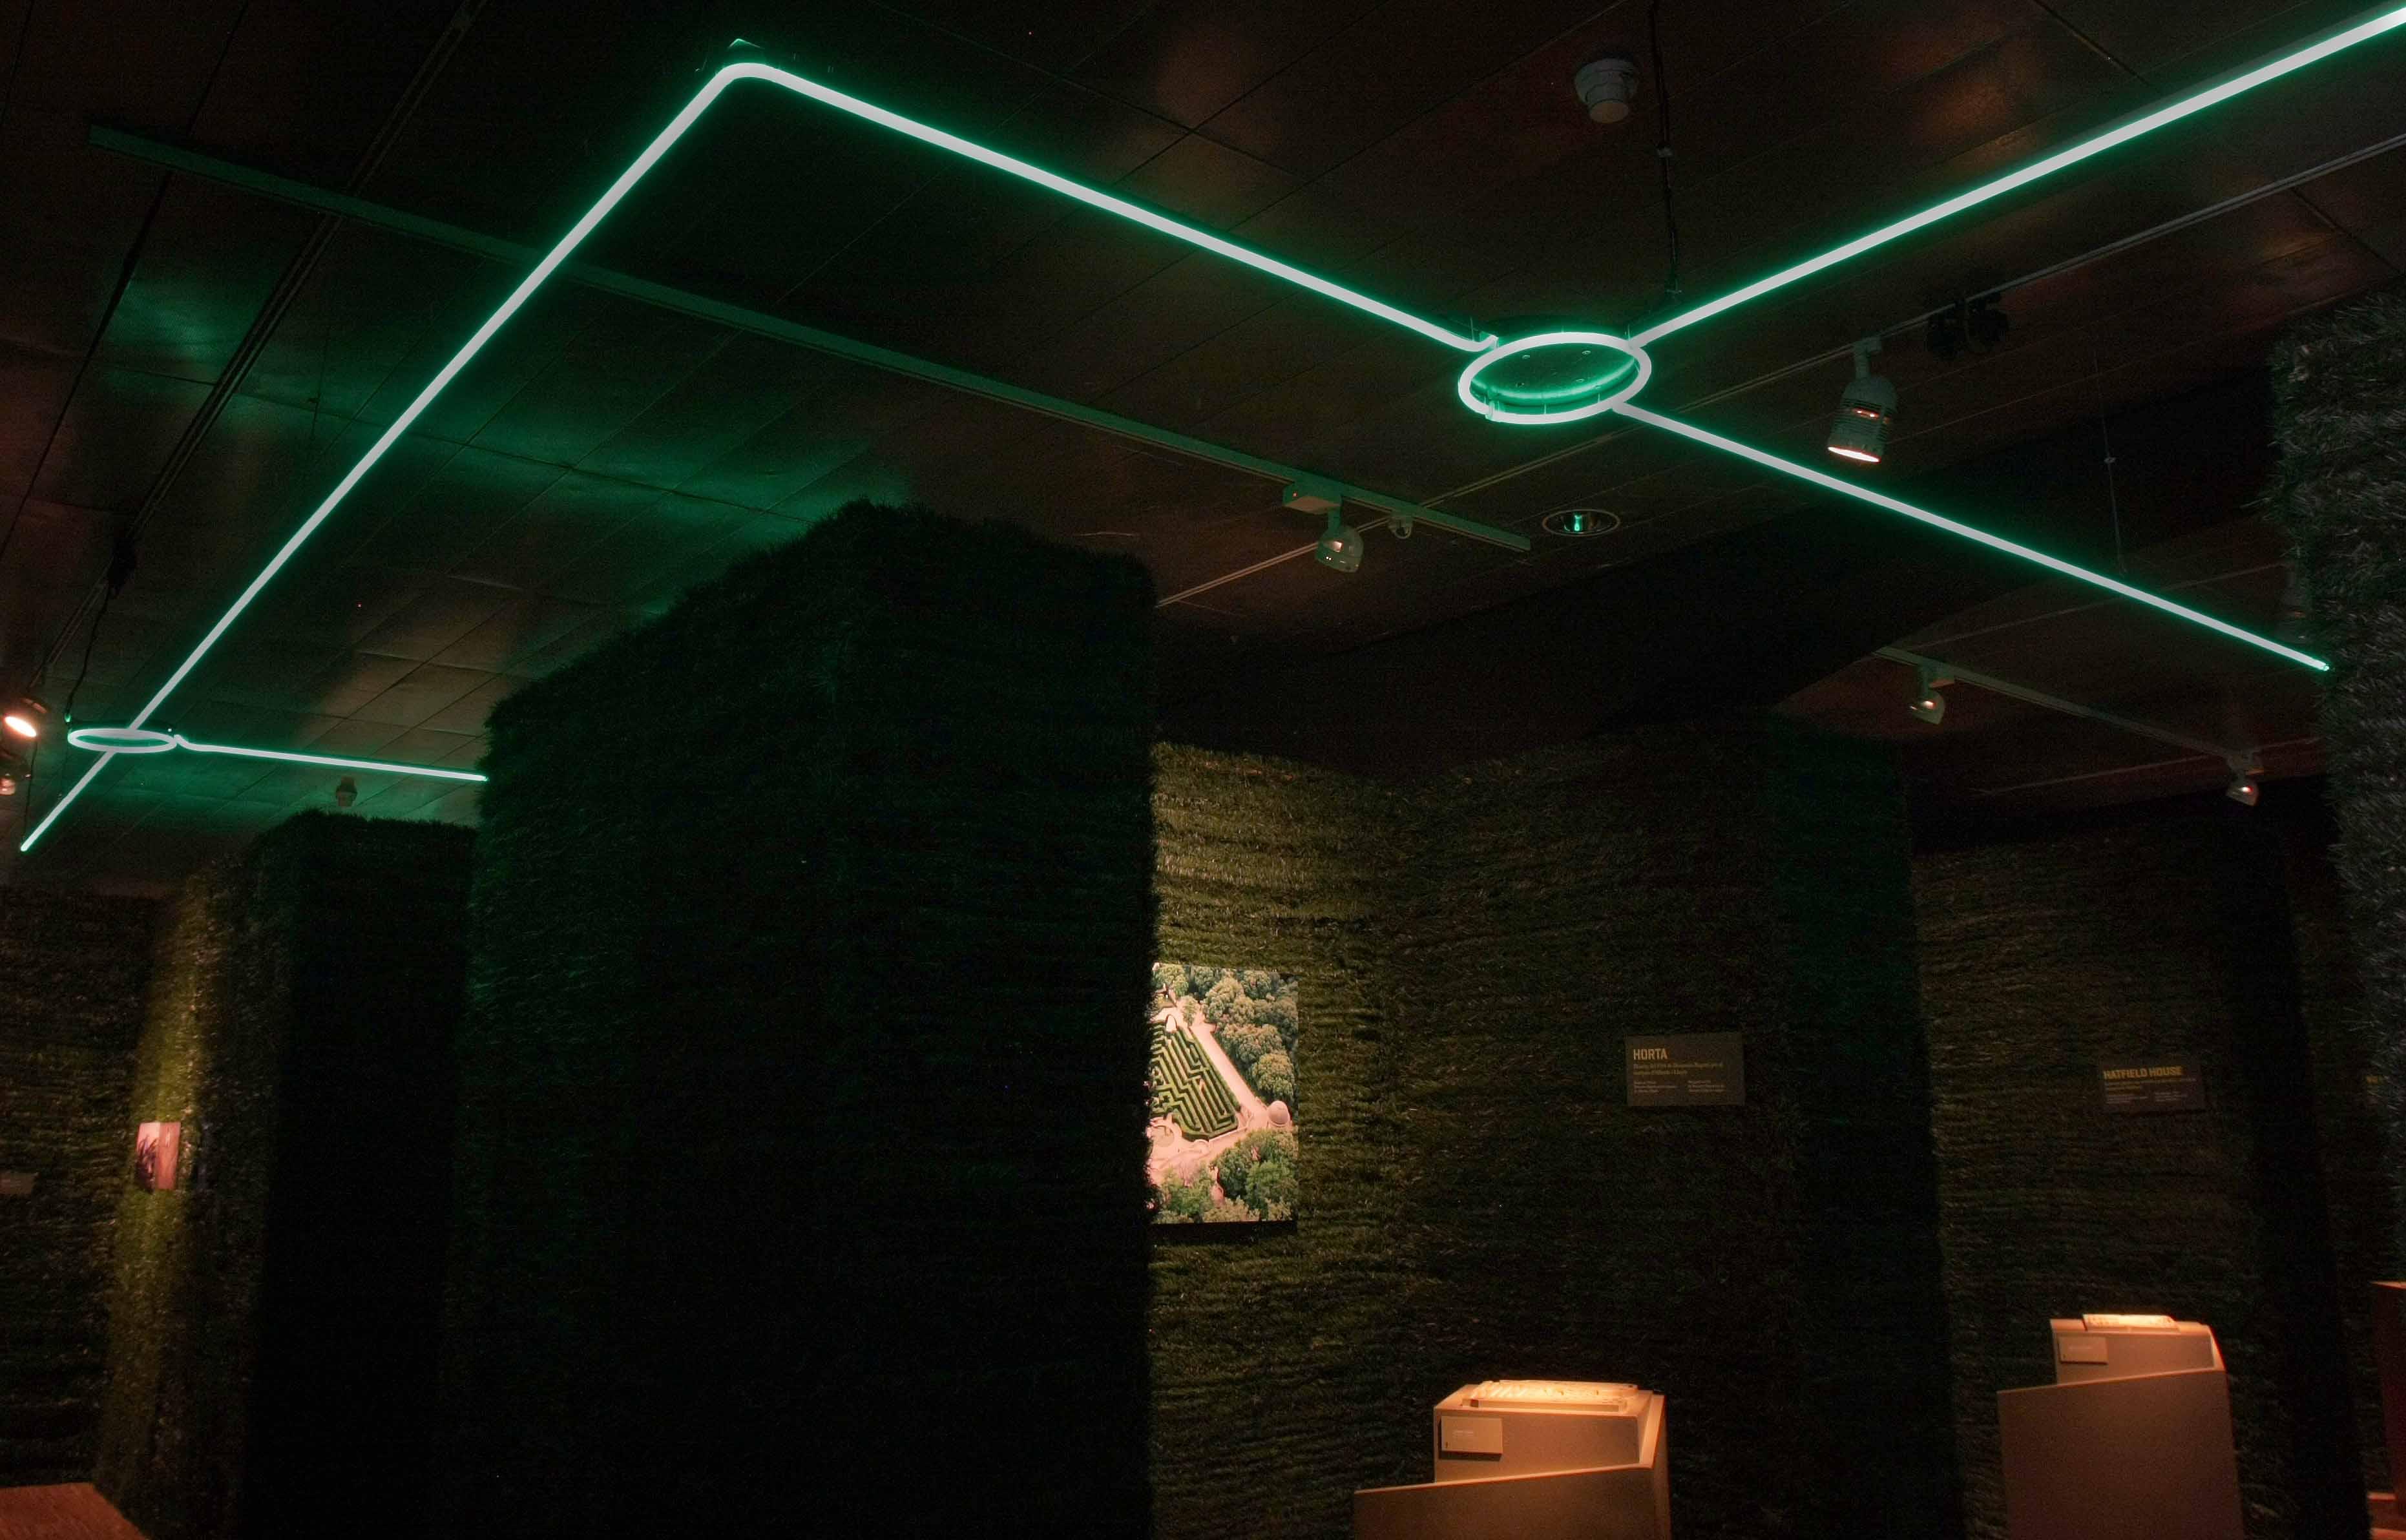 Exposición los laberintos Barcelona luz verde